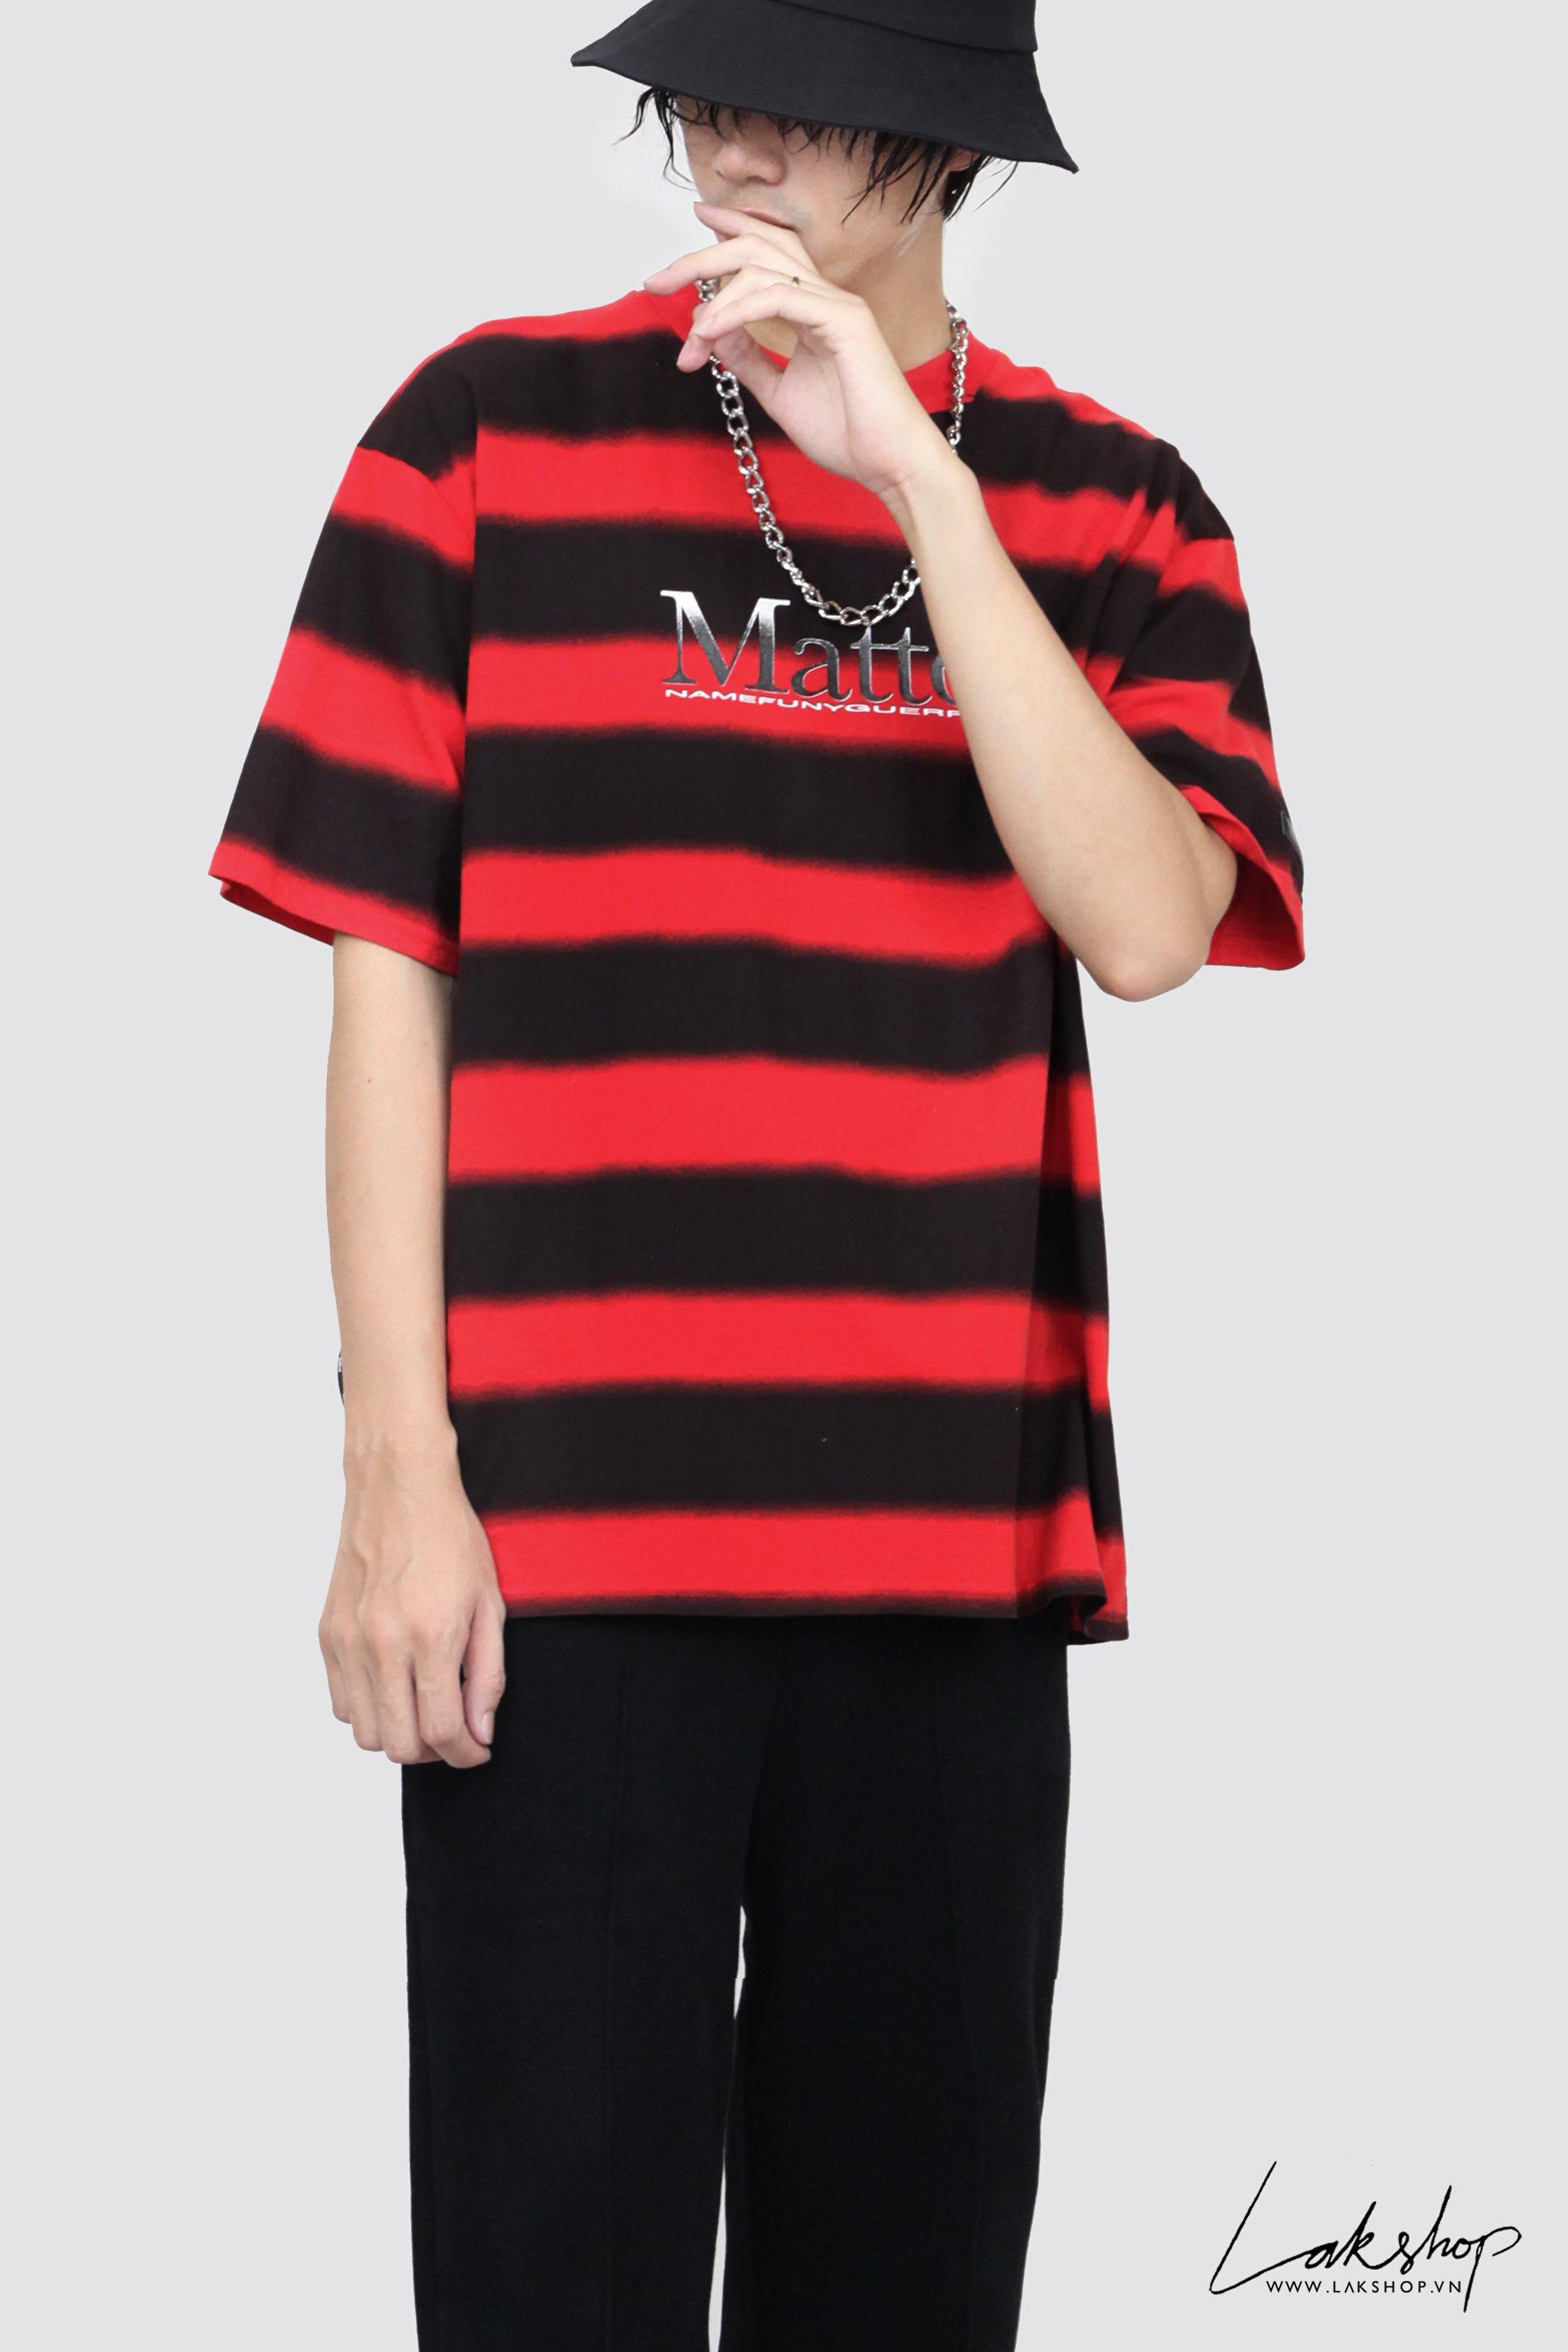 Matter Red Black Stripe Oversized T-shirt cv3